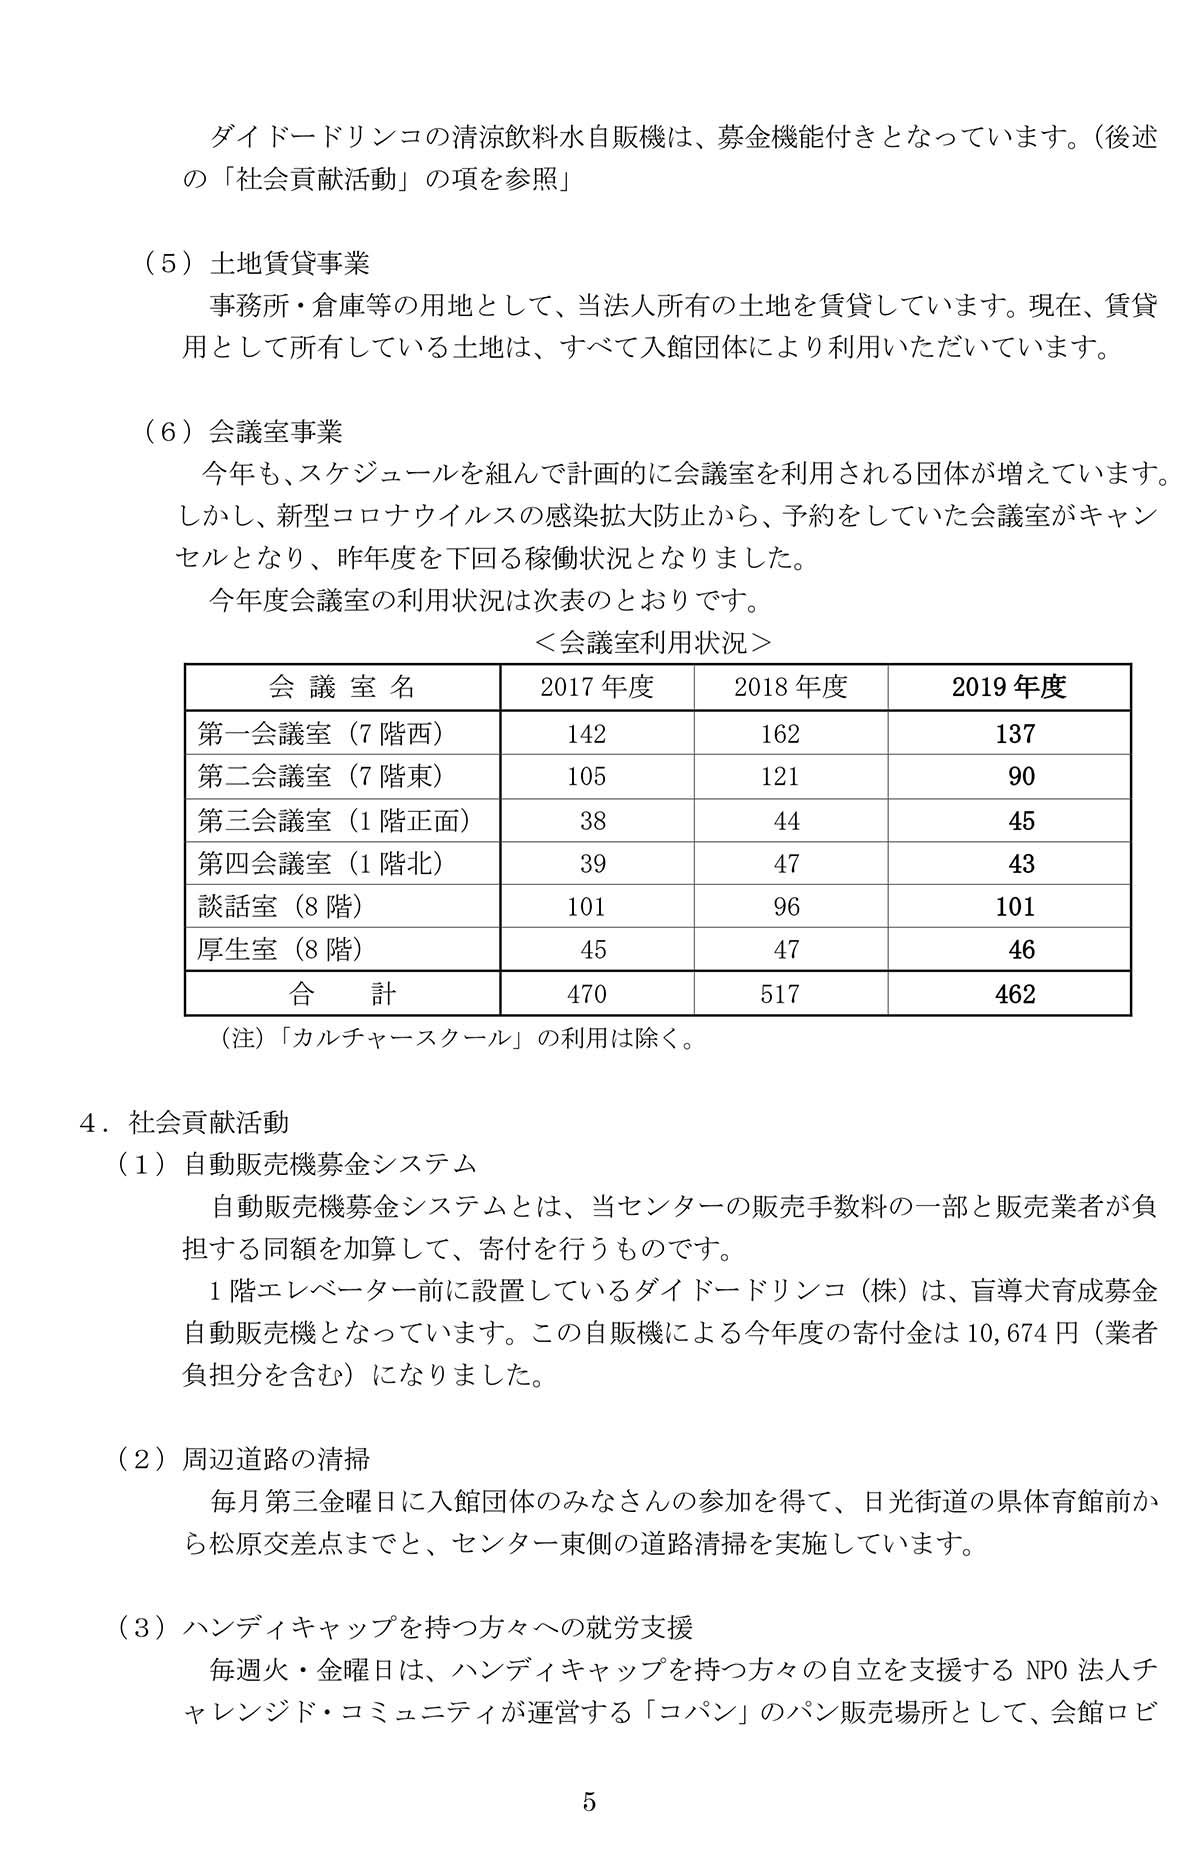 事業報告書55期-5